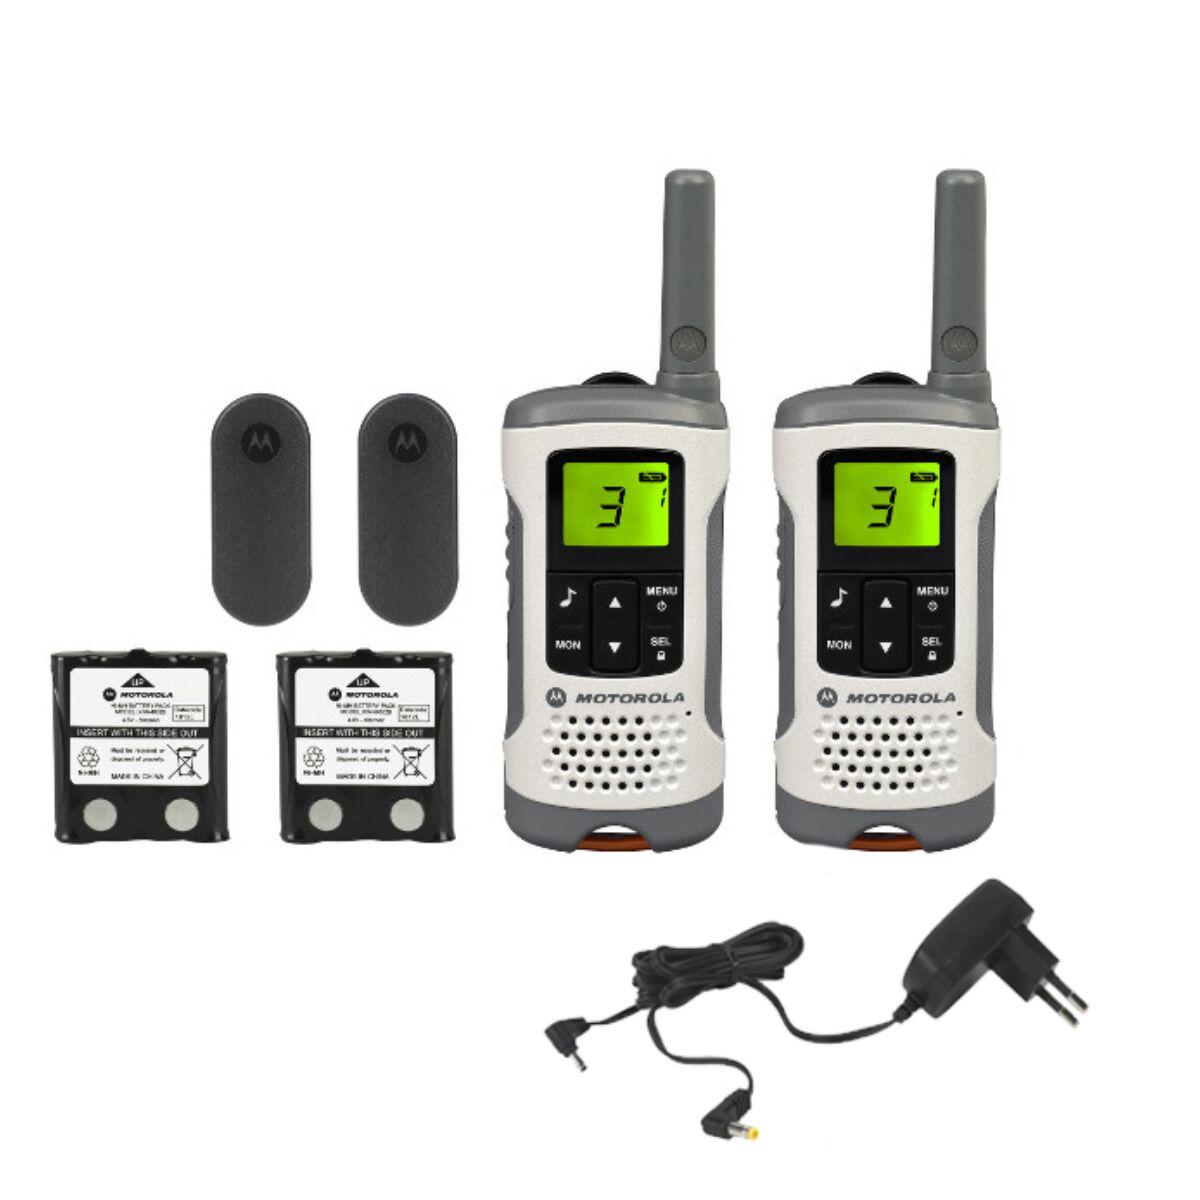 Motorola tlkr t50 walkie talkie - Oreillette talkie walkie motorola ...